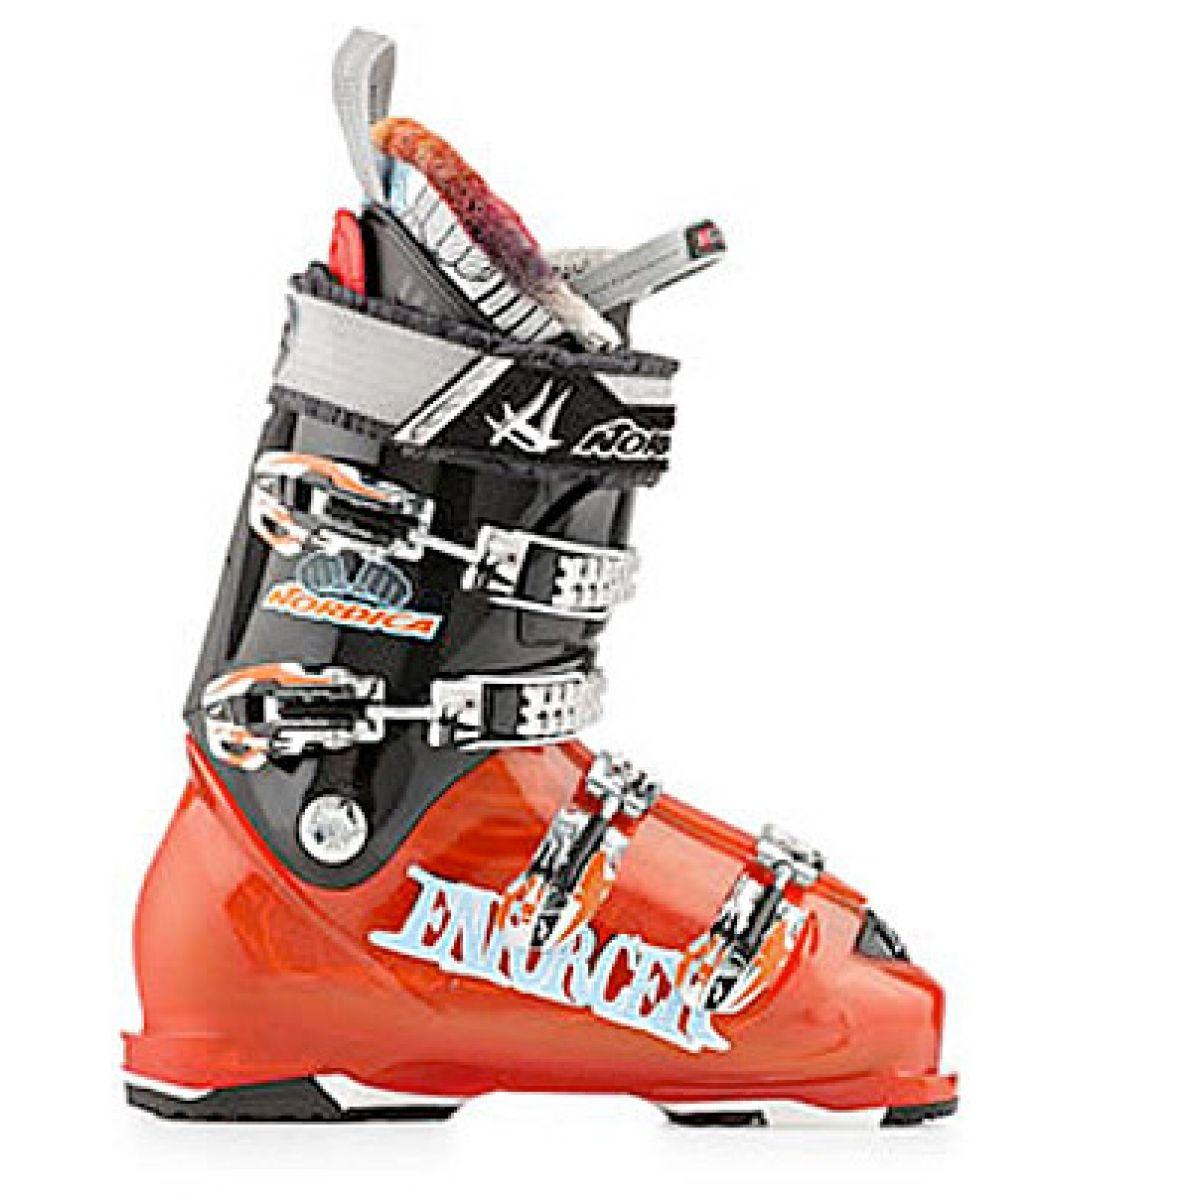 ea7fd89a793 Welke skischoen voor wie? - Wintersport Weblog